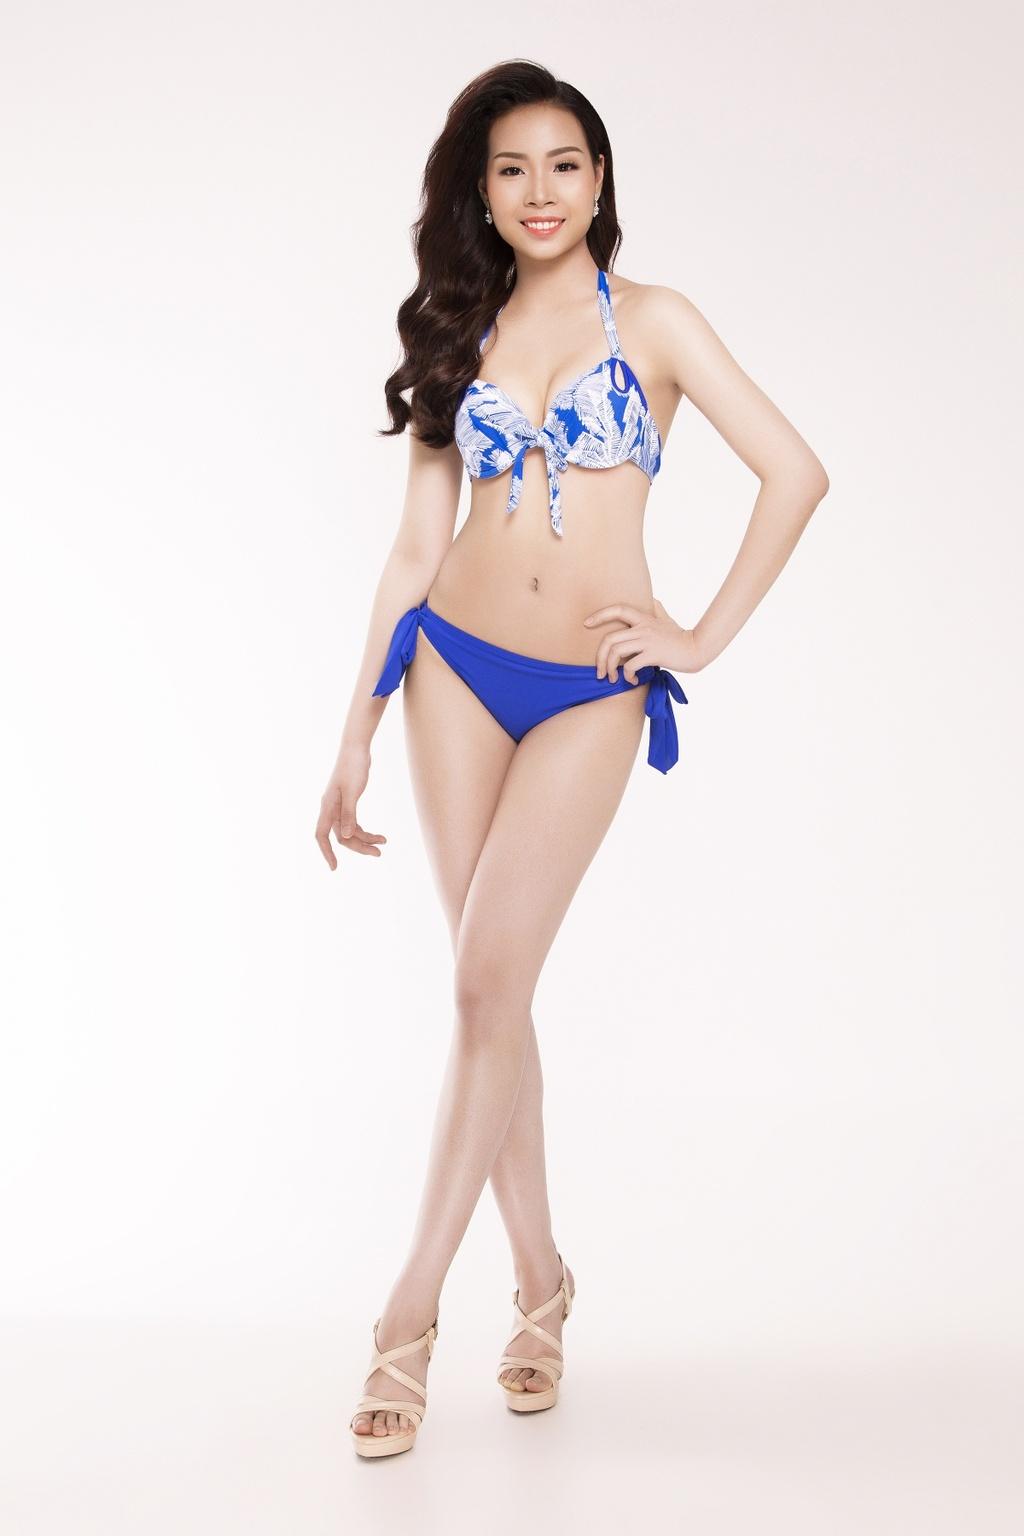 Nguoi dep Hoa hau Viet Nam 2016 tao dang voi bikini hinh anh 5